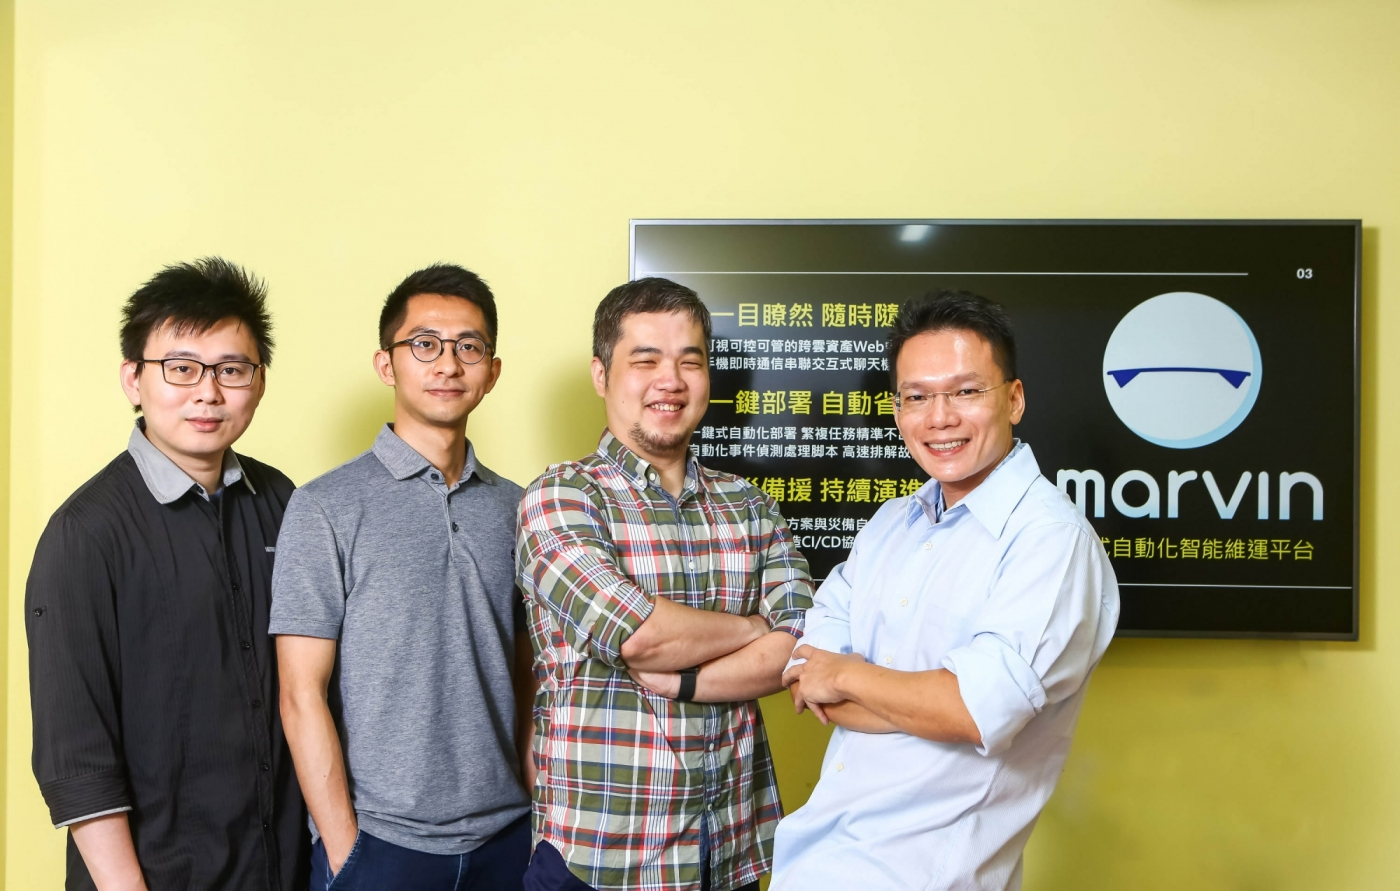 維運工程師的救星來了!奔騰網路打造自動化維運平台,IT不必再24小時全年無休